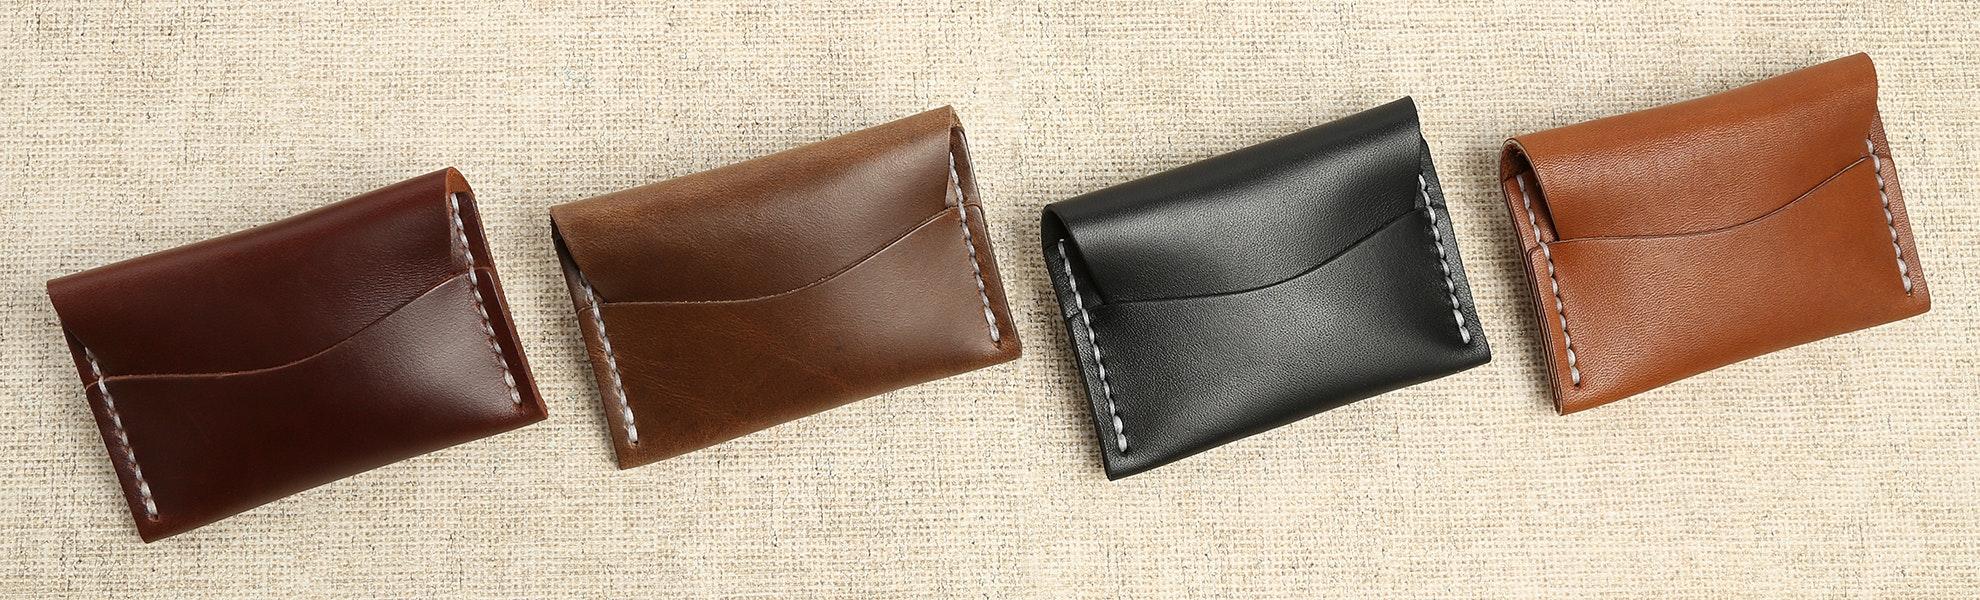 Faler Fold Wallet